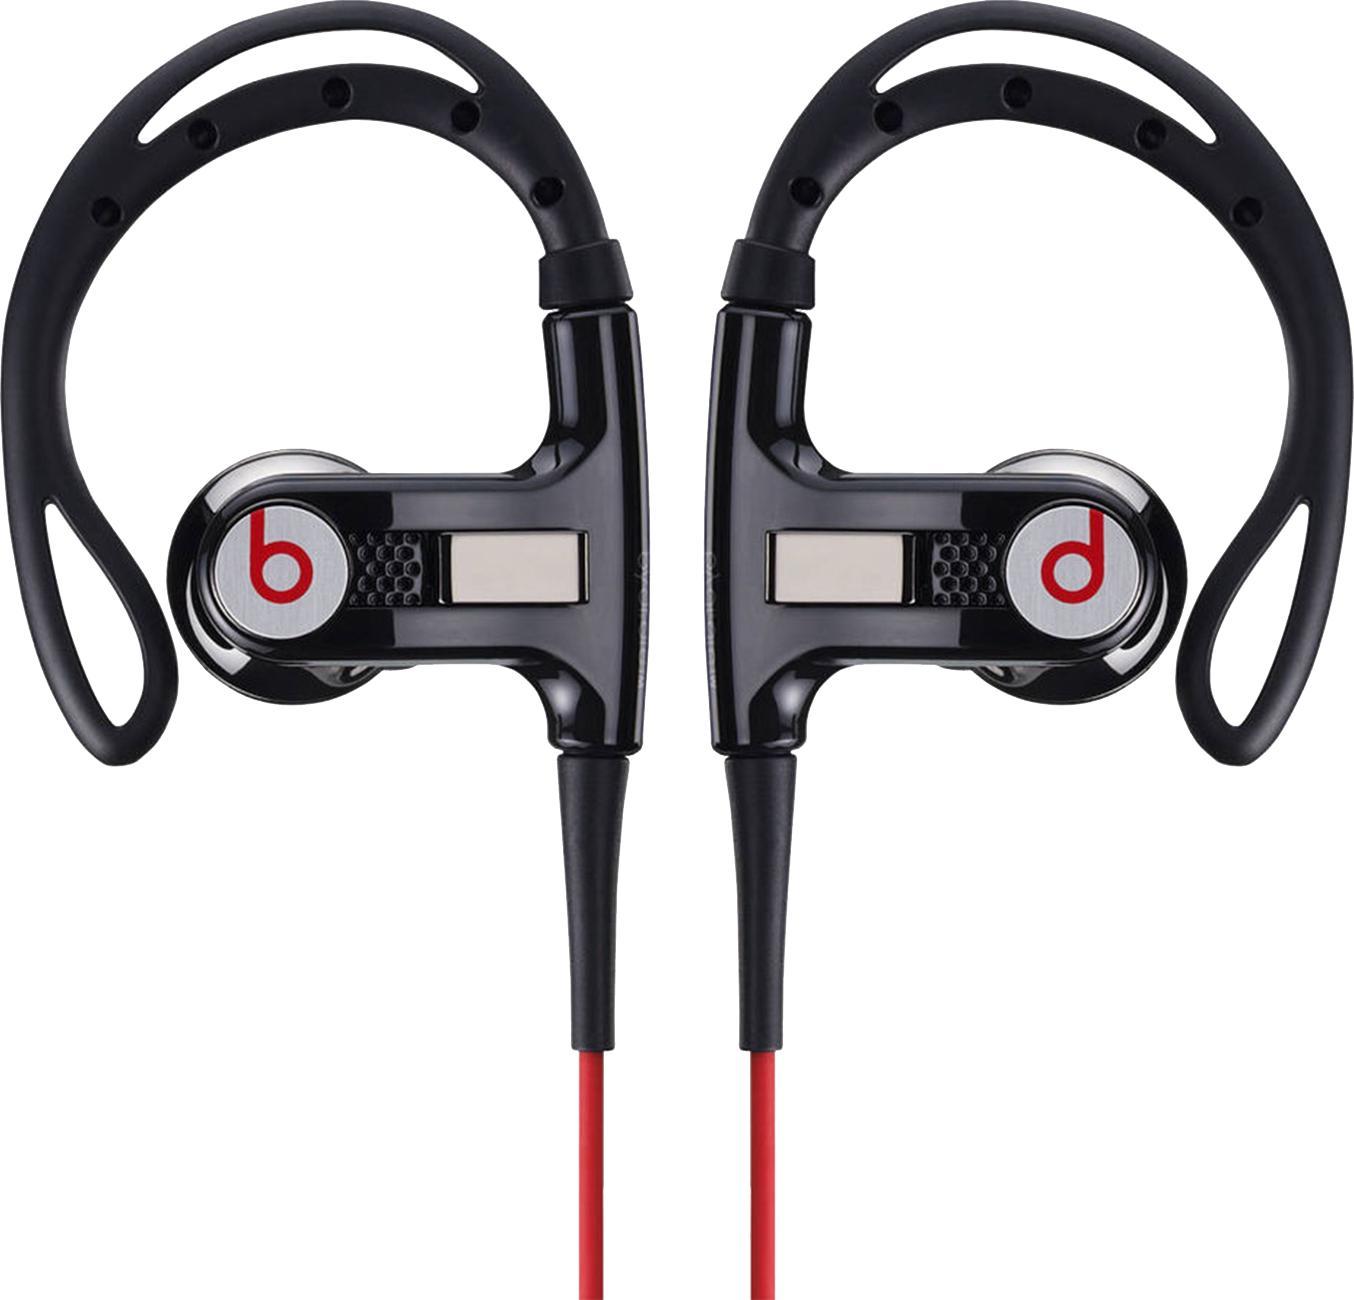 Beats by Dre Powerbeats